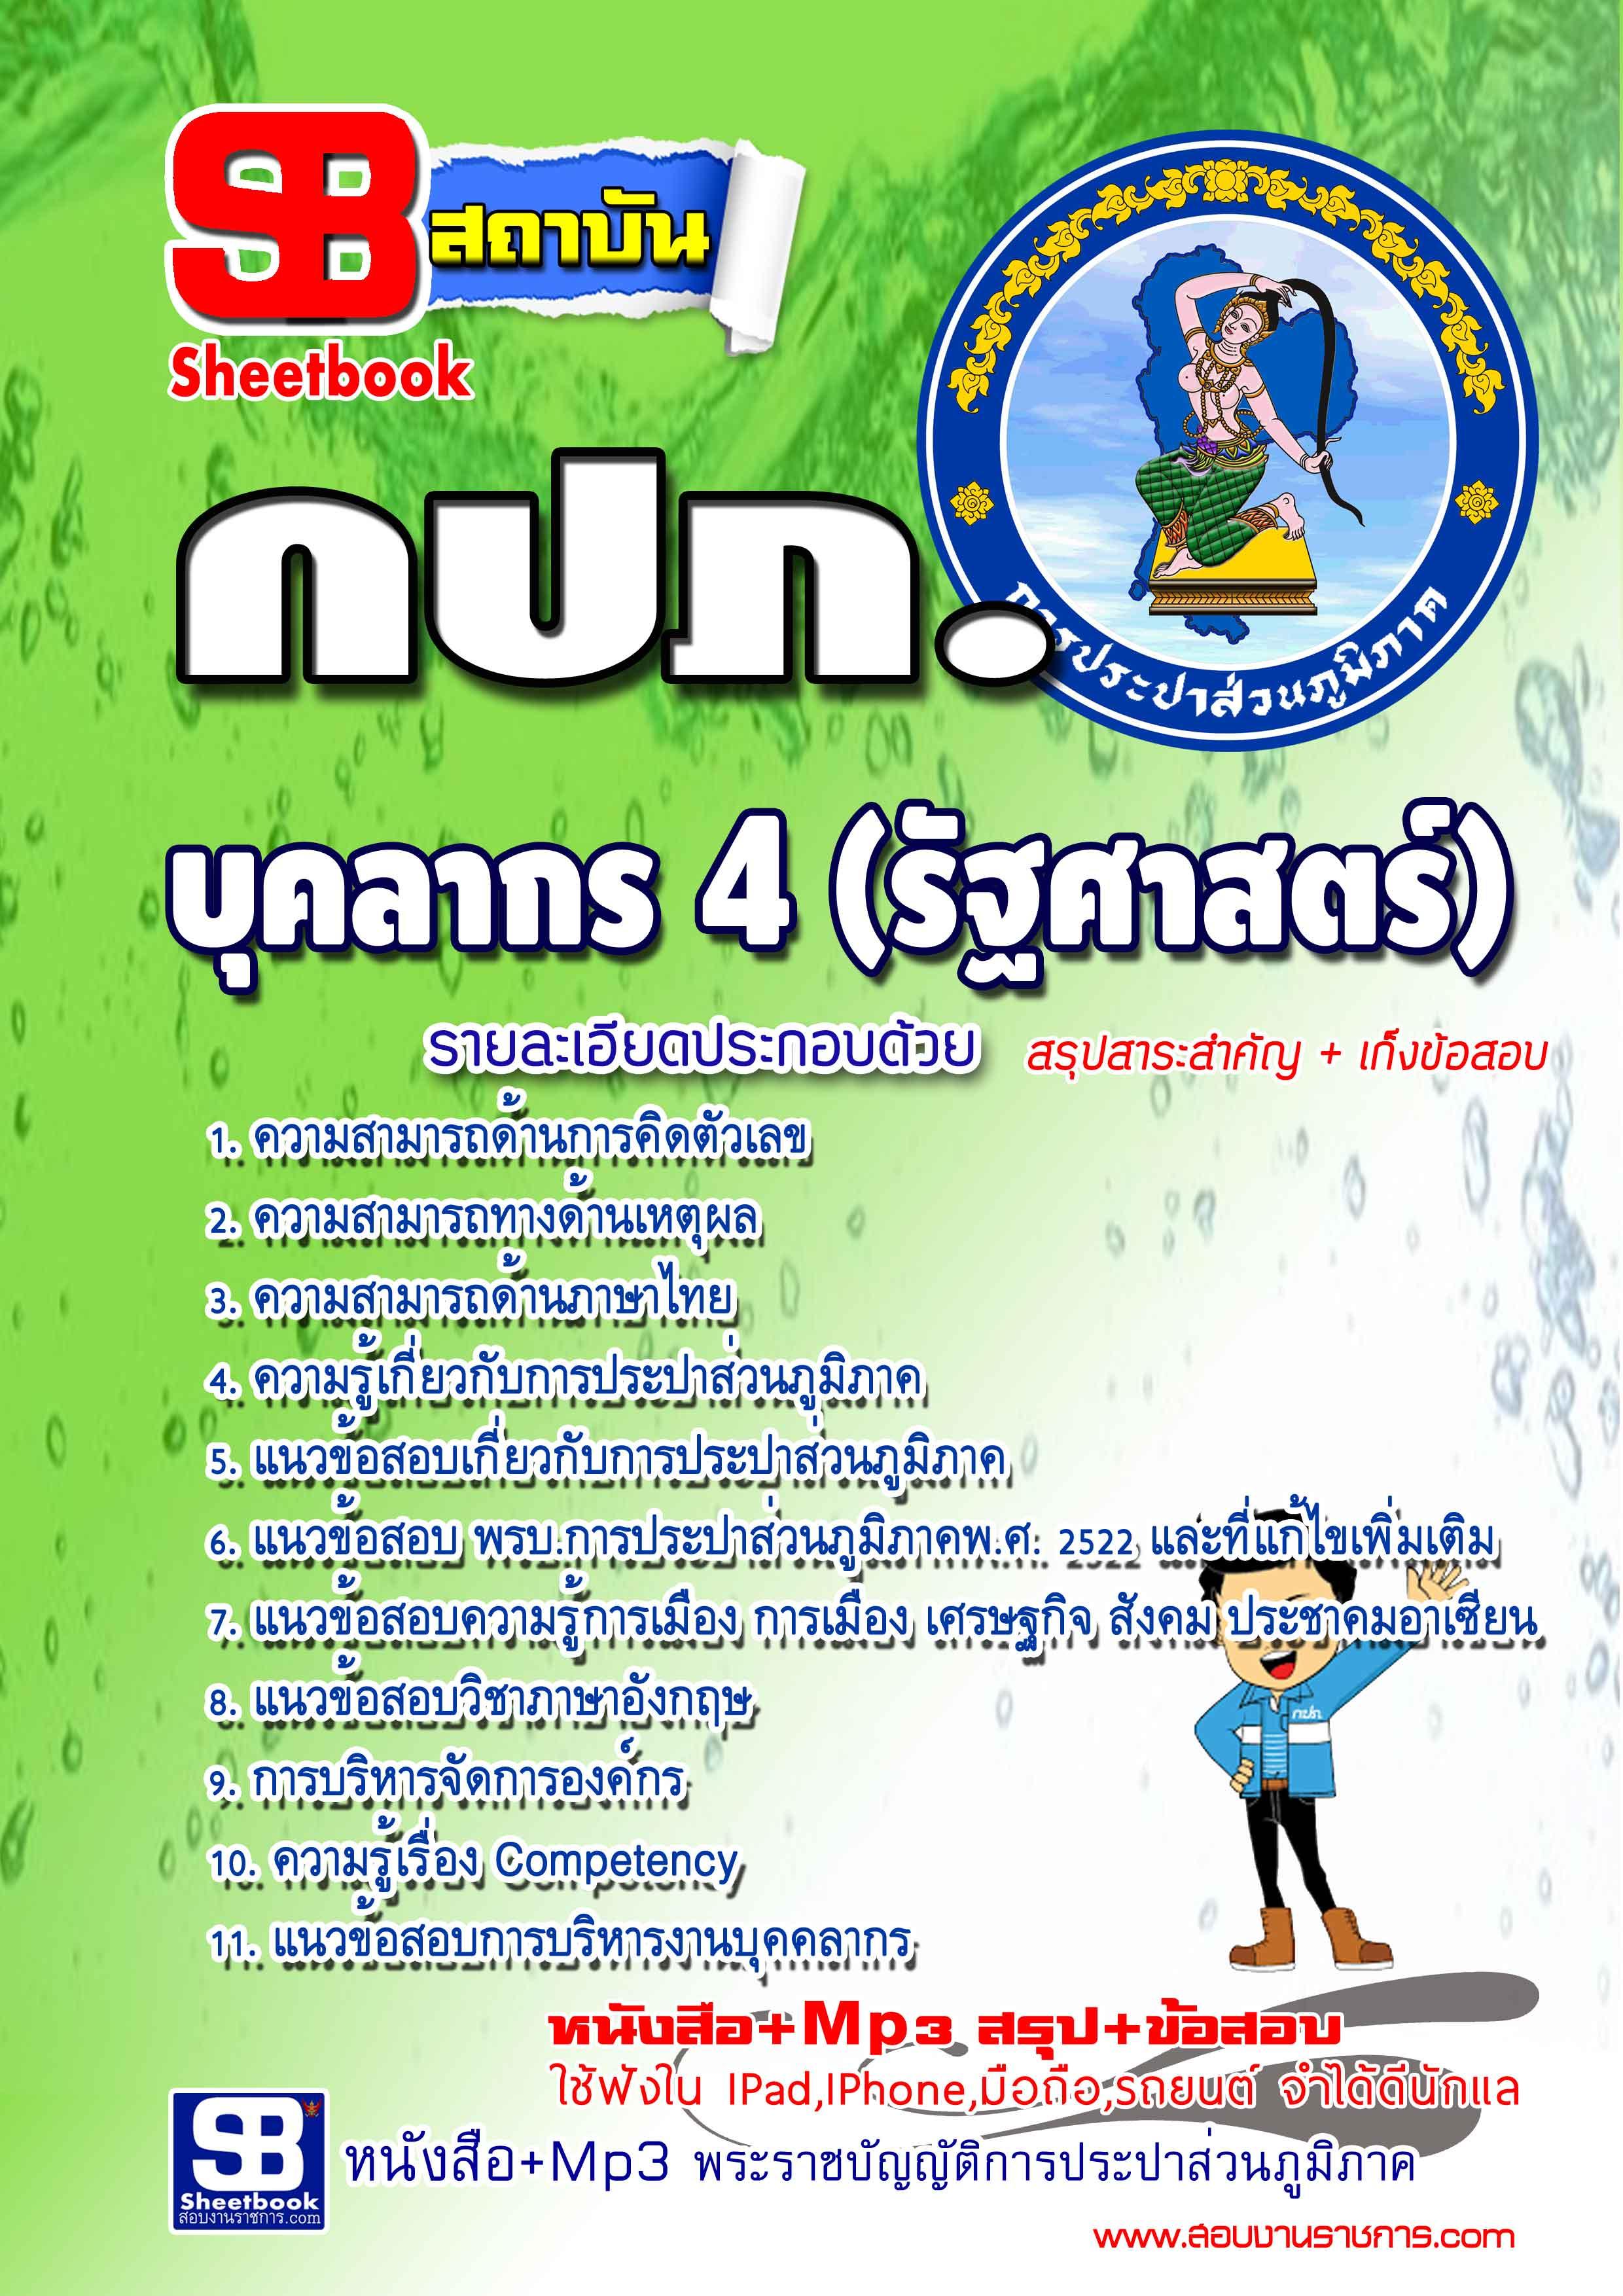 คู่มือเตรียมสอบ บุคลากร 4 (รัฐศาสตร์) การประปาส่วนภูมิภาค